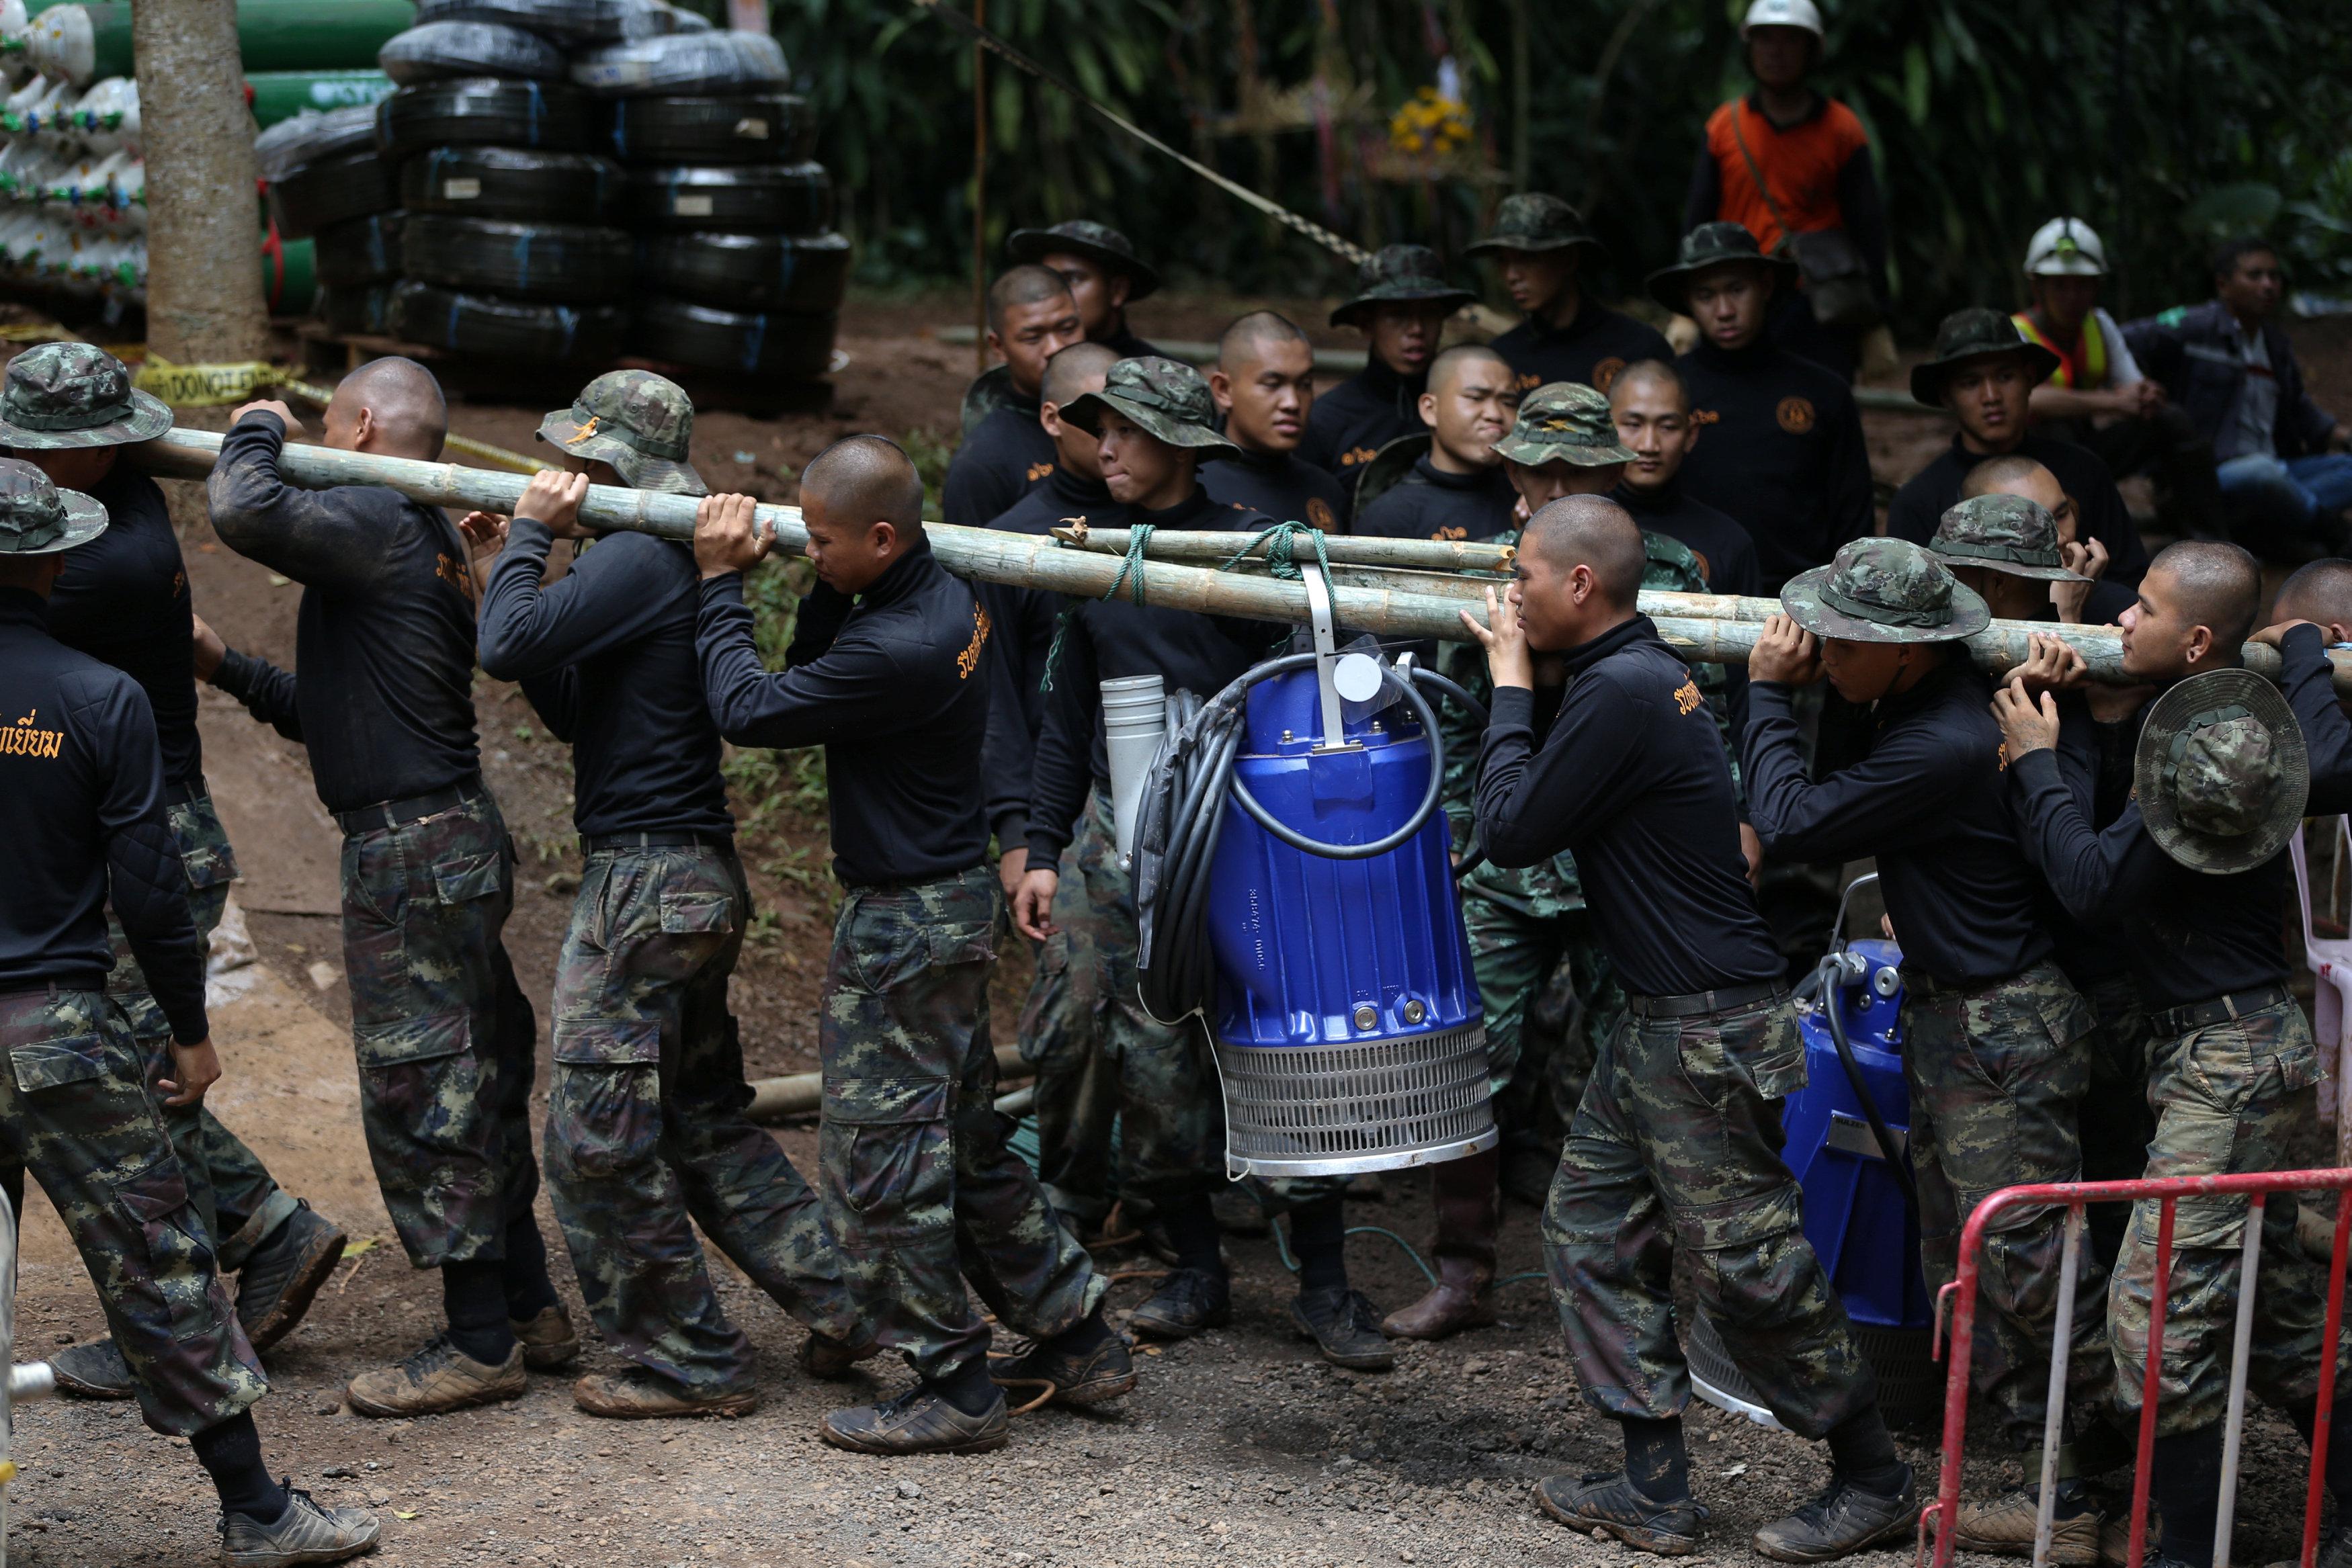 Soldados tailandeses transportan, el 6 de julio, parte del equipo utilizado para rescatar a 12 niños que quedaron atrapados en una cuevadela provincia de Chiang Rai